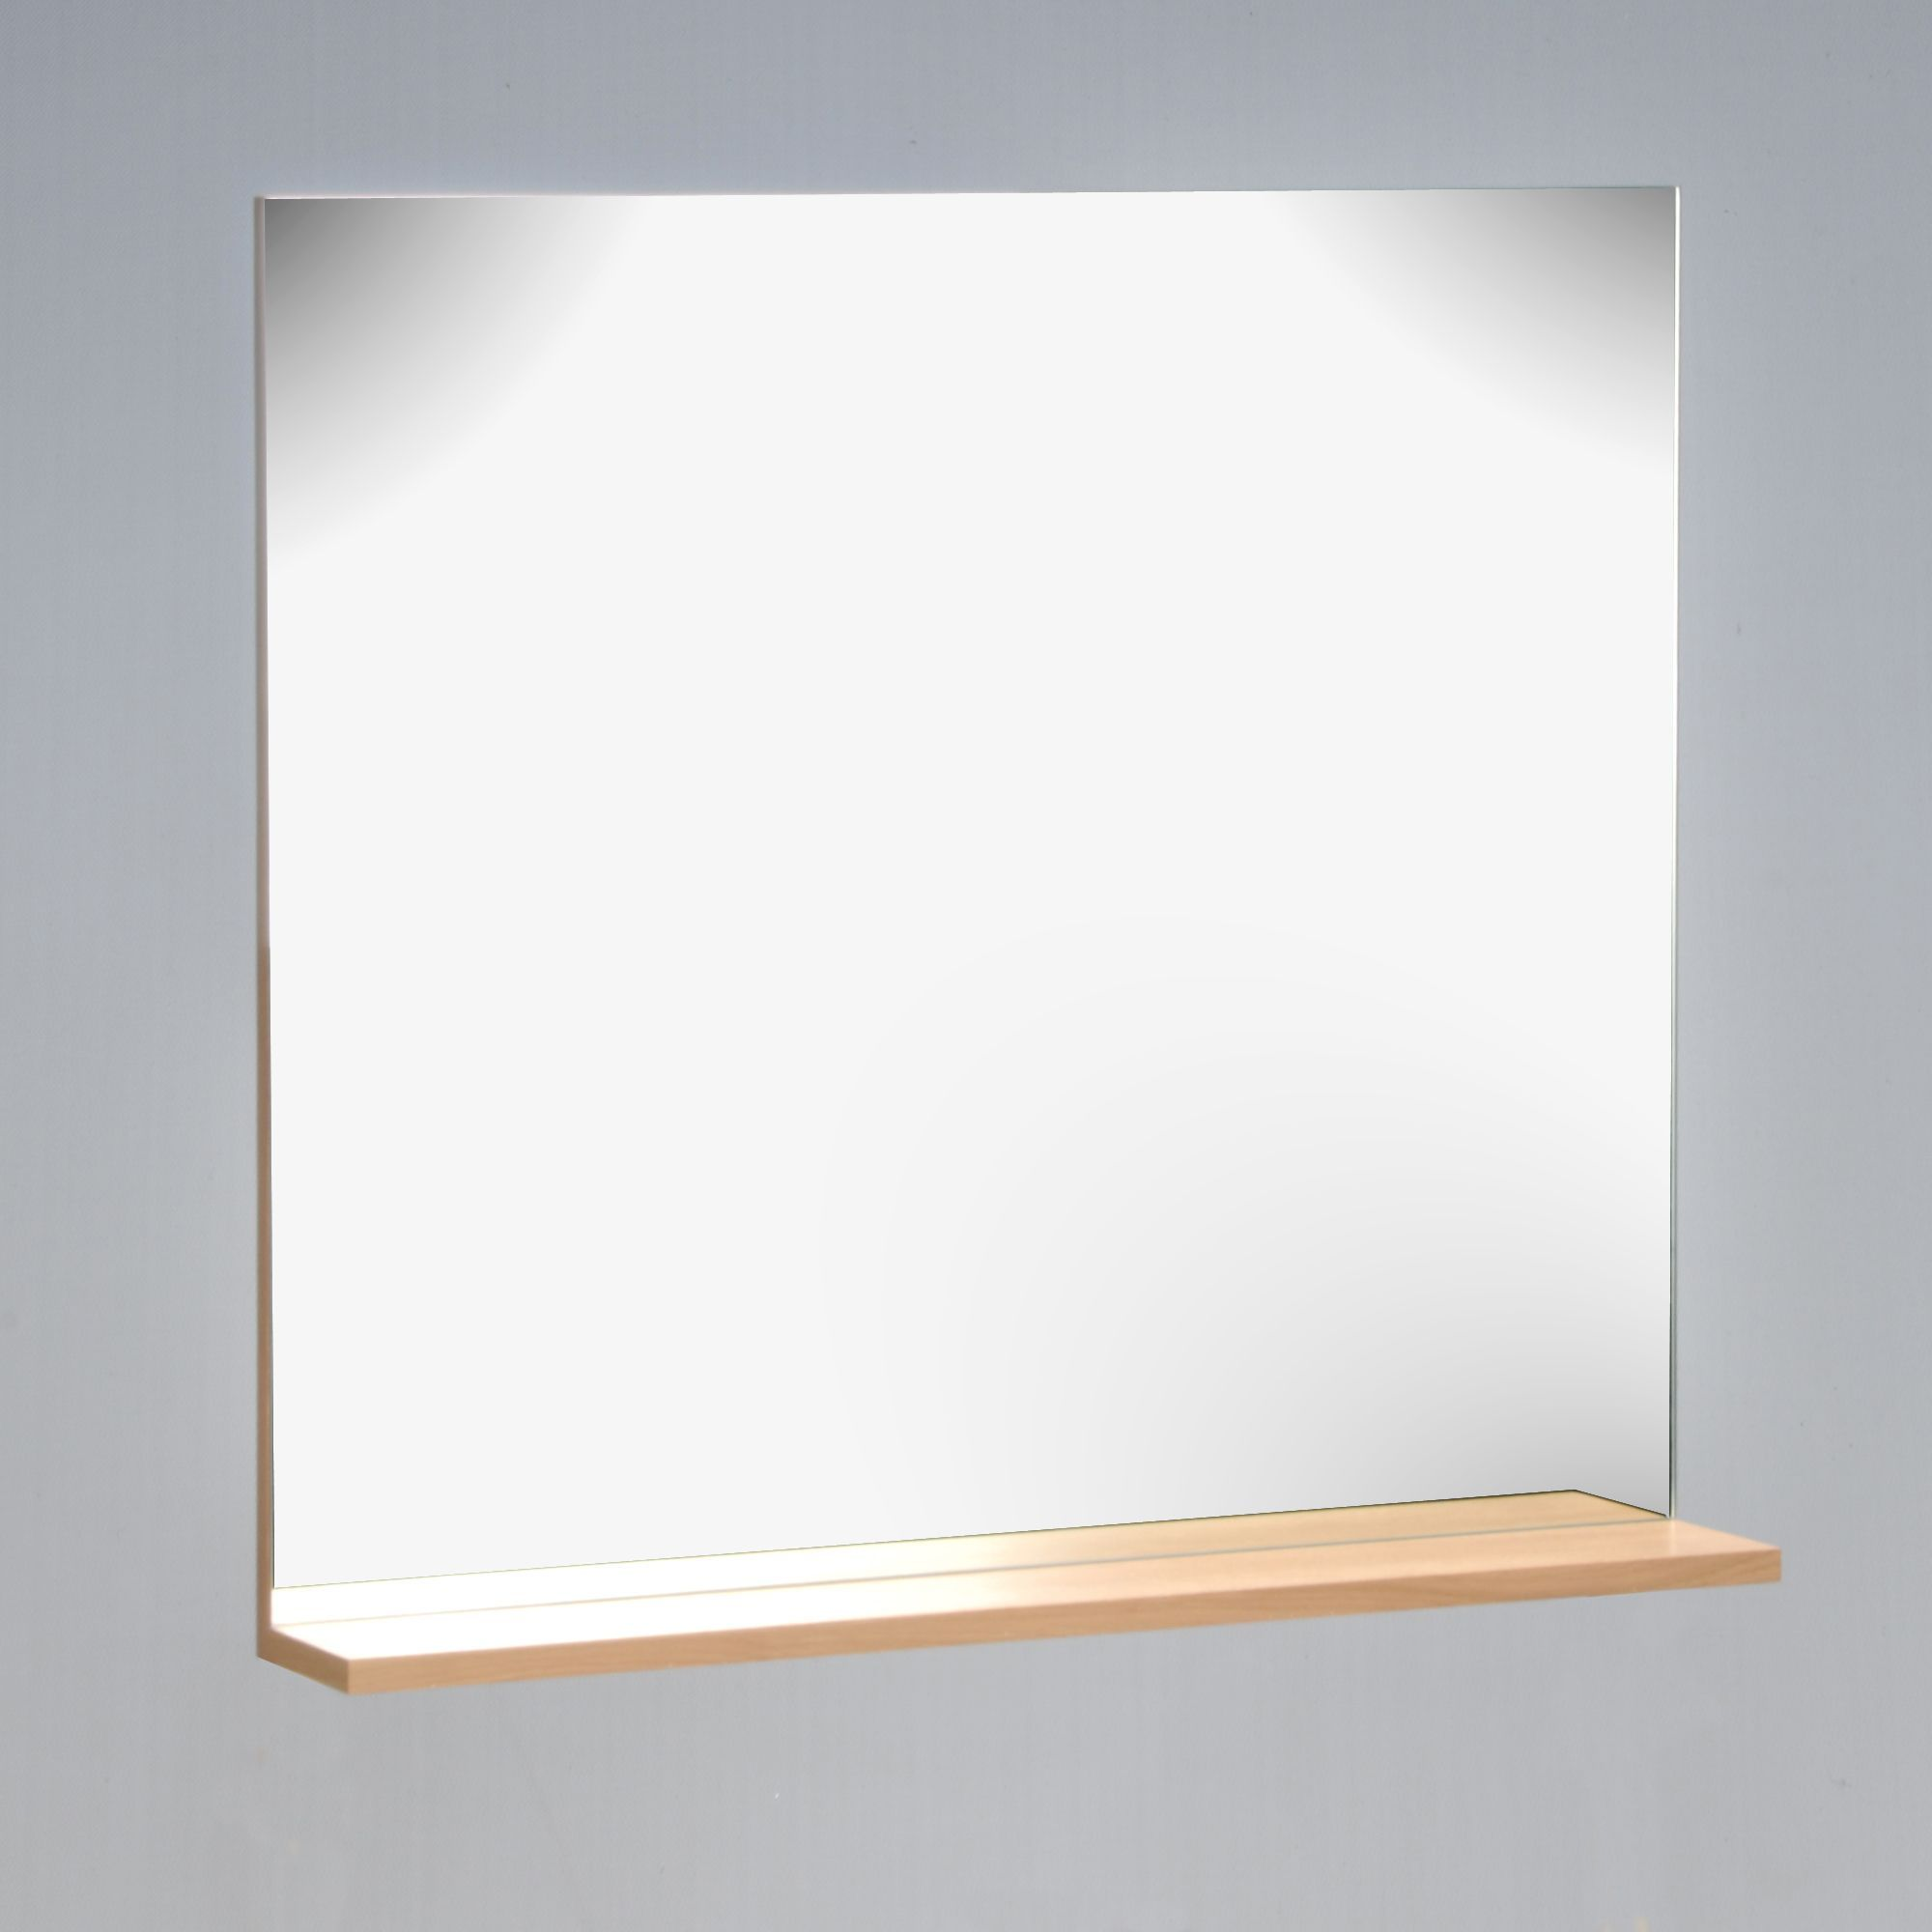 Miroir de salle de bain avec tablette en chêne | Miroir ...